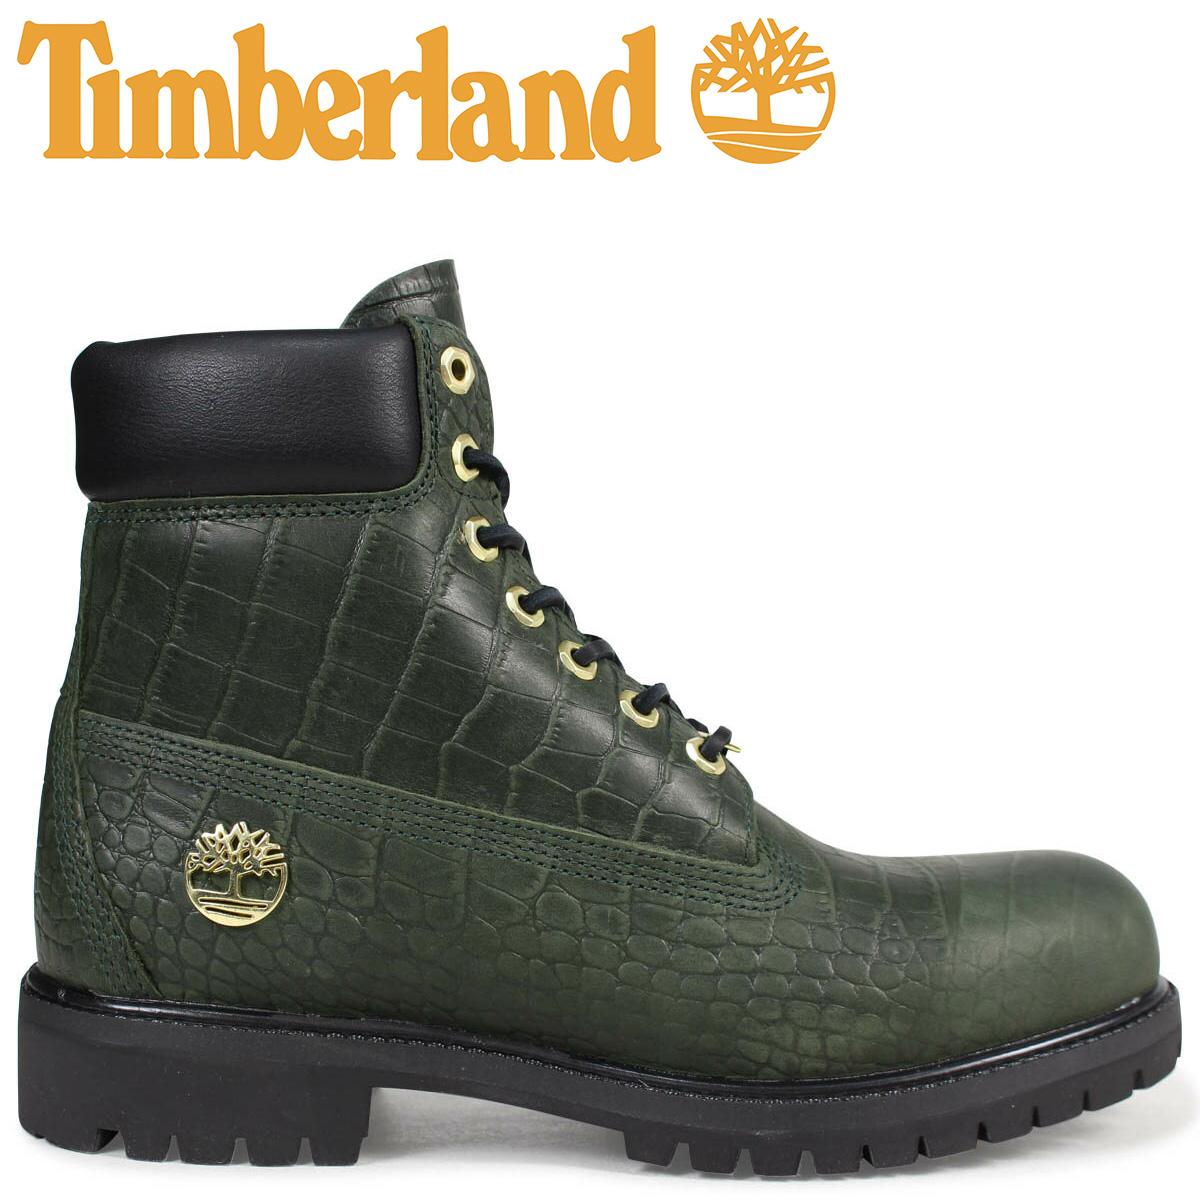 Timberland ブーツ メンズ 6インチ ティンバーランド 6INCH PREMIUM BOOT A1PIJ Wワイズ プレミアム グリーン